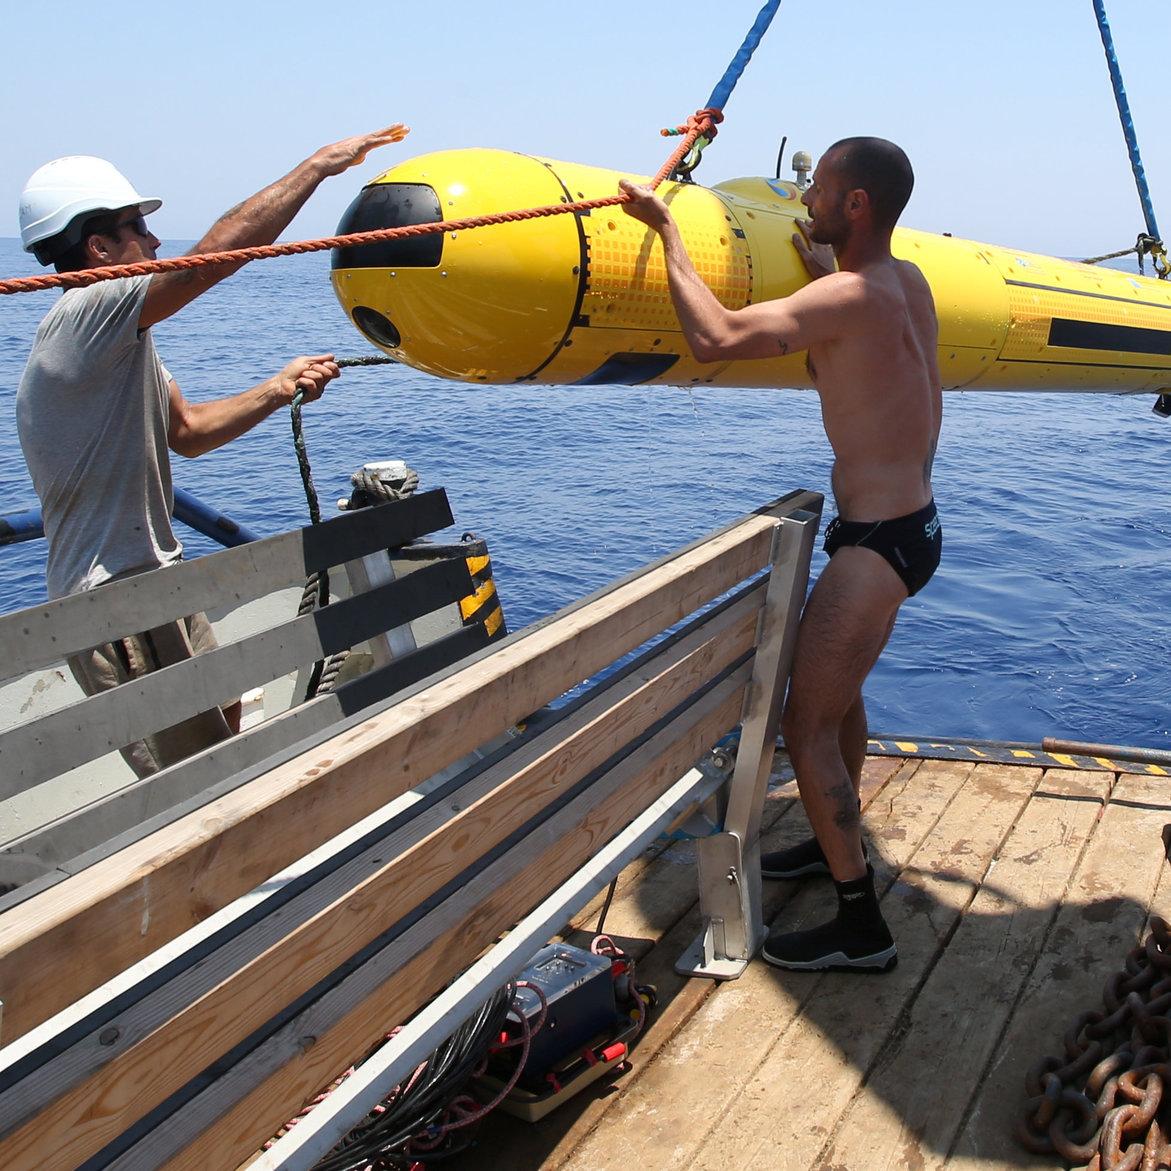 הרובוט מורד למים בלב ים